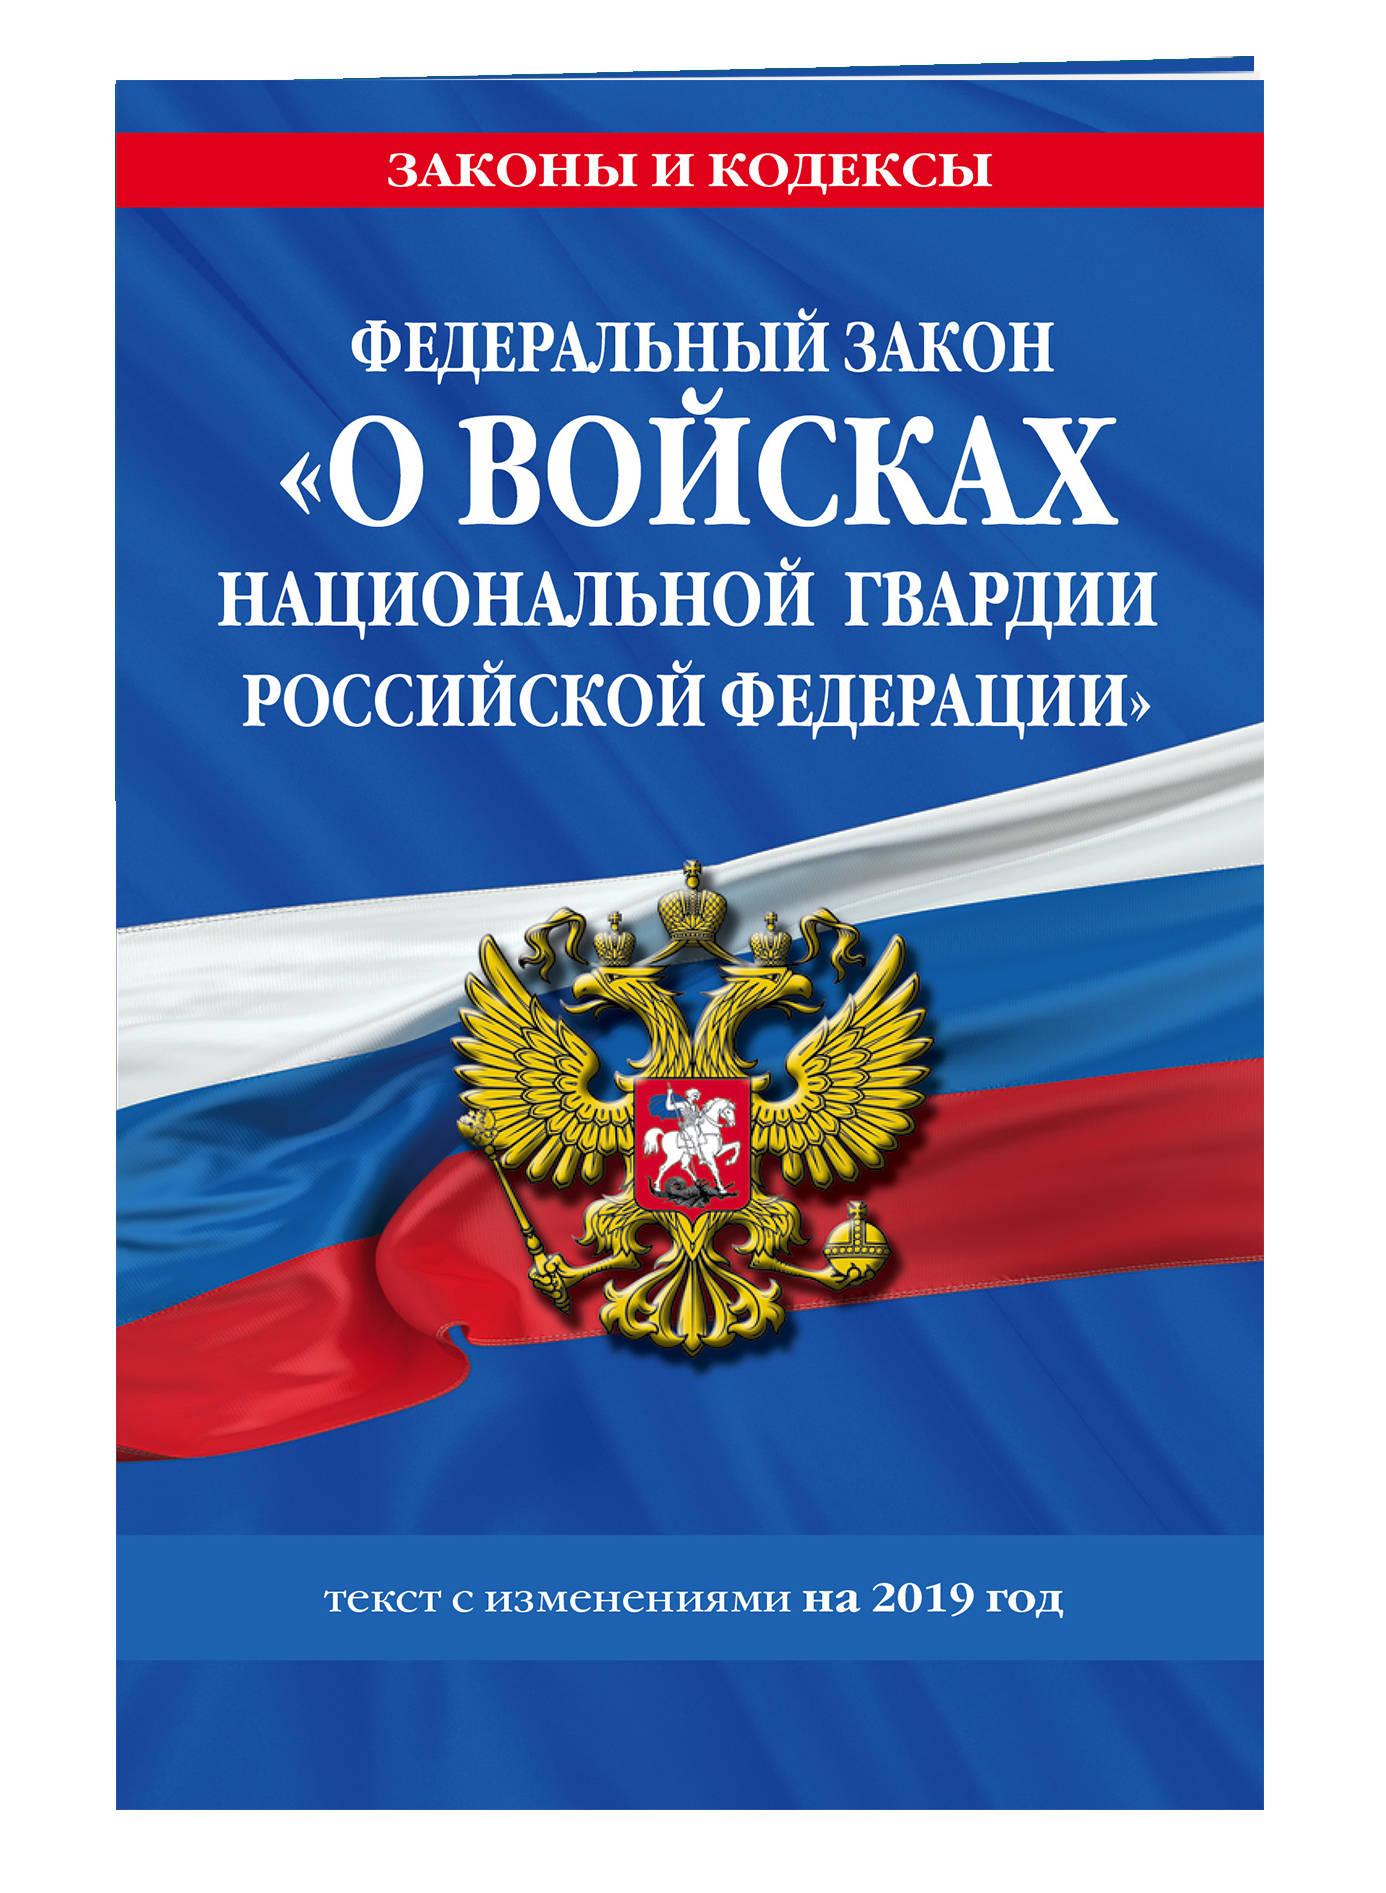 Федеральный закон «О войсках национальной гвардии Российской Федерации»: текст с изменениями на 2019 г. цена